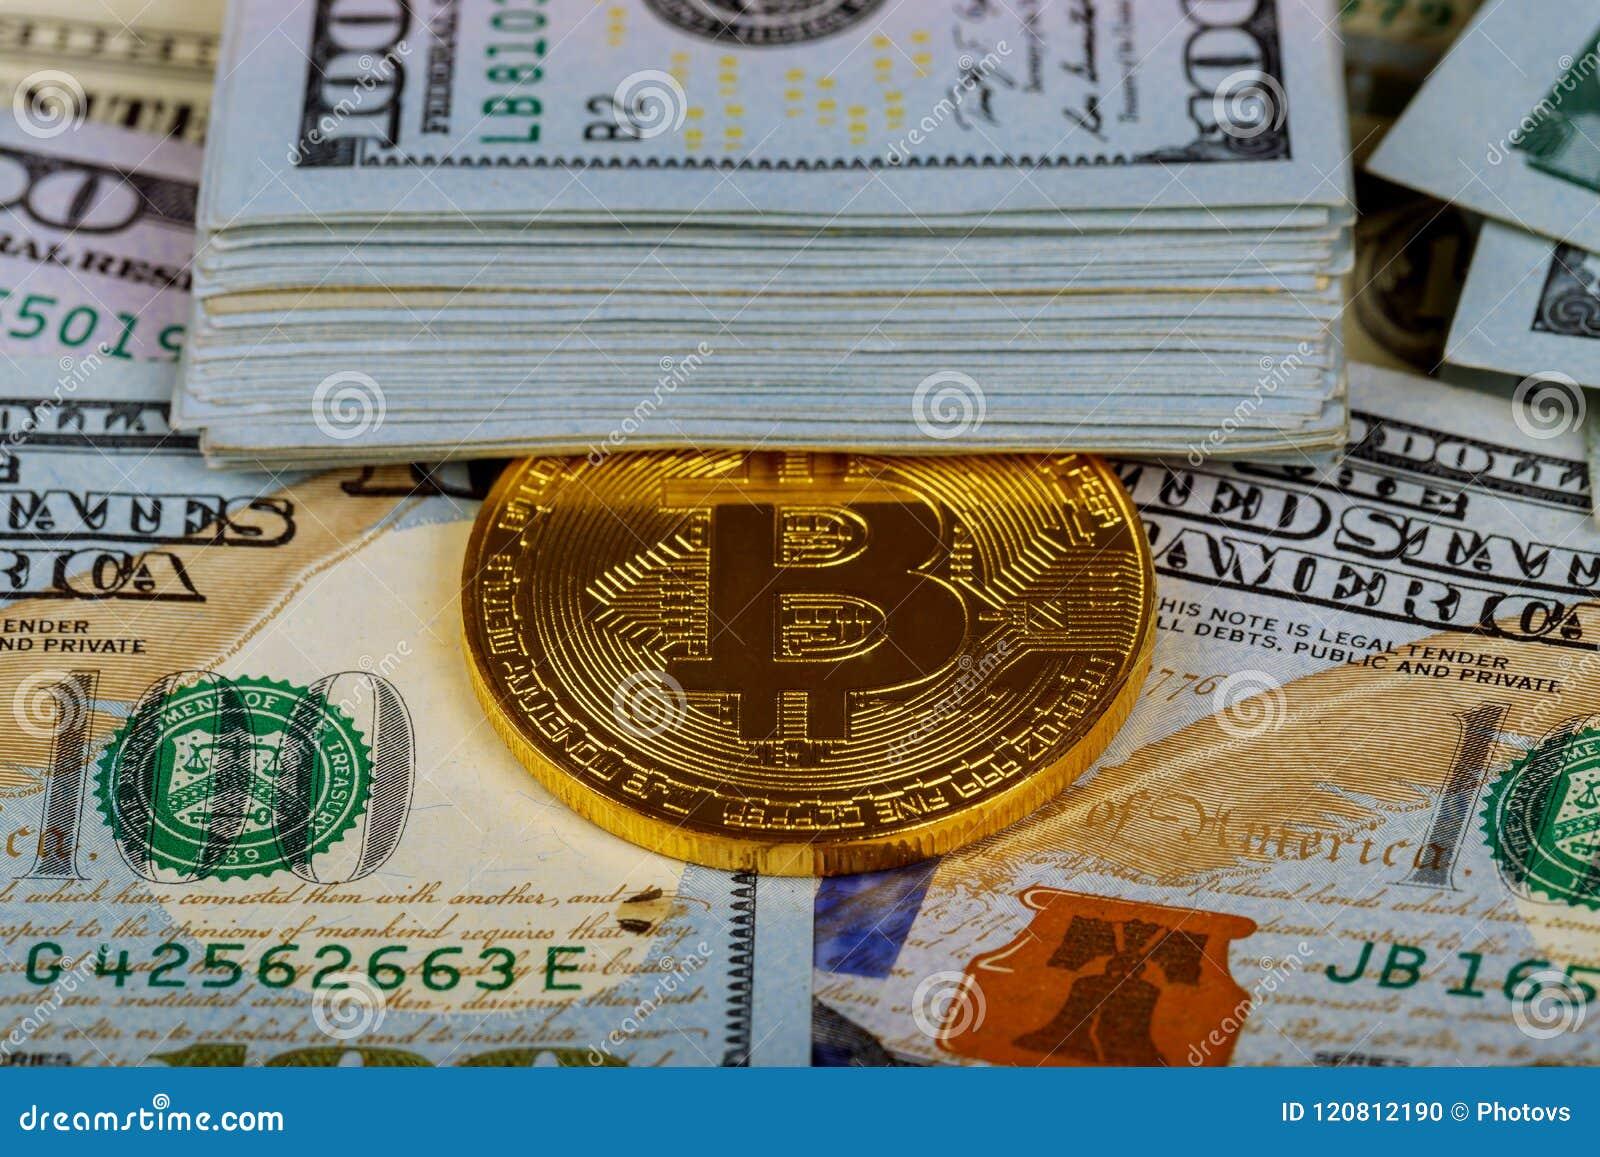 trocar bitcoin por dolar